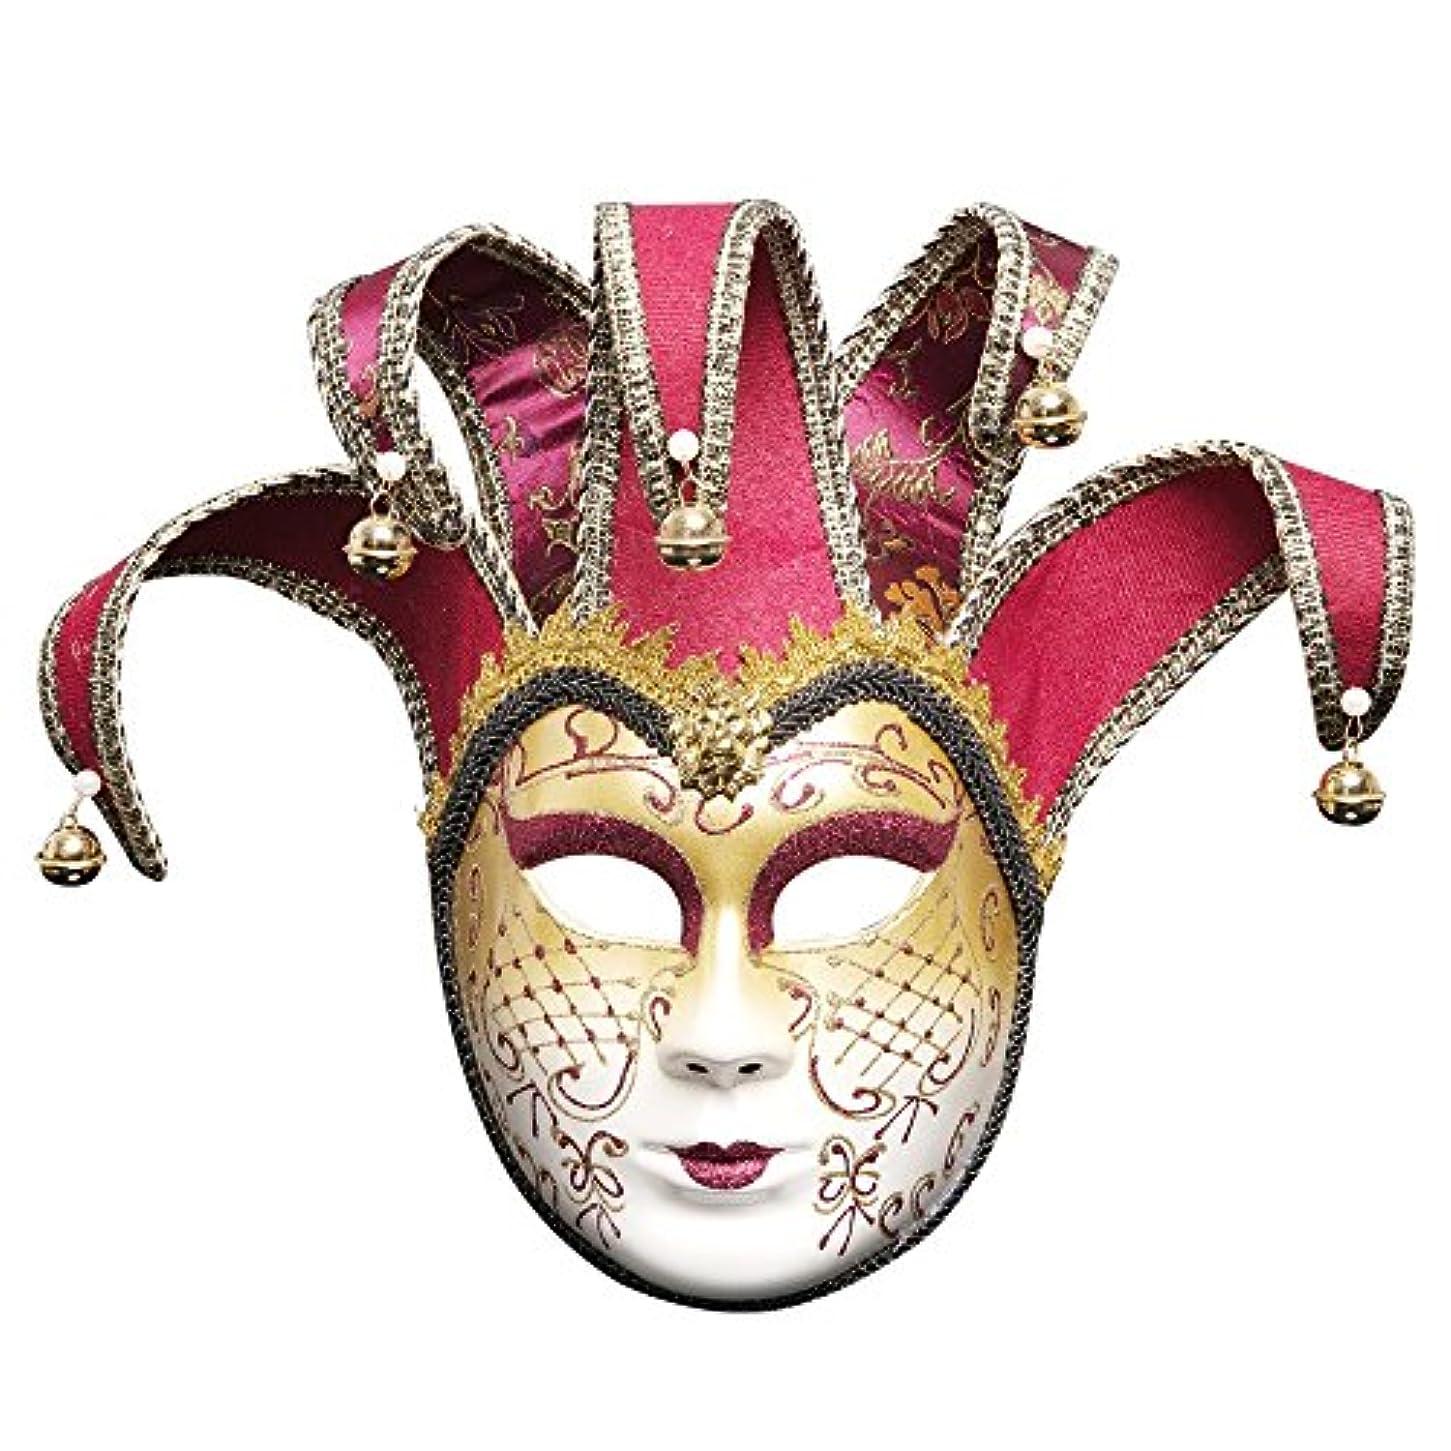 それに応じて作る言い換えるとハロウィンボールパーティーマスククリスマスクリエイティブ新しいフルフェイスメイクアップマスク (Color : B)